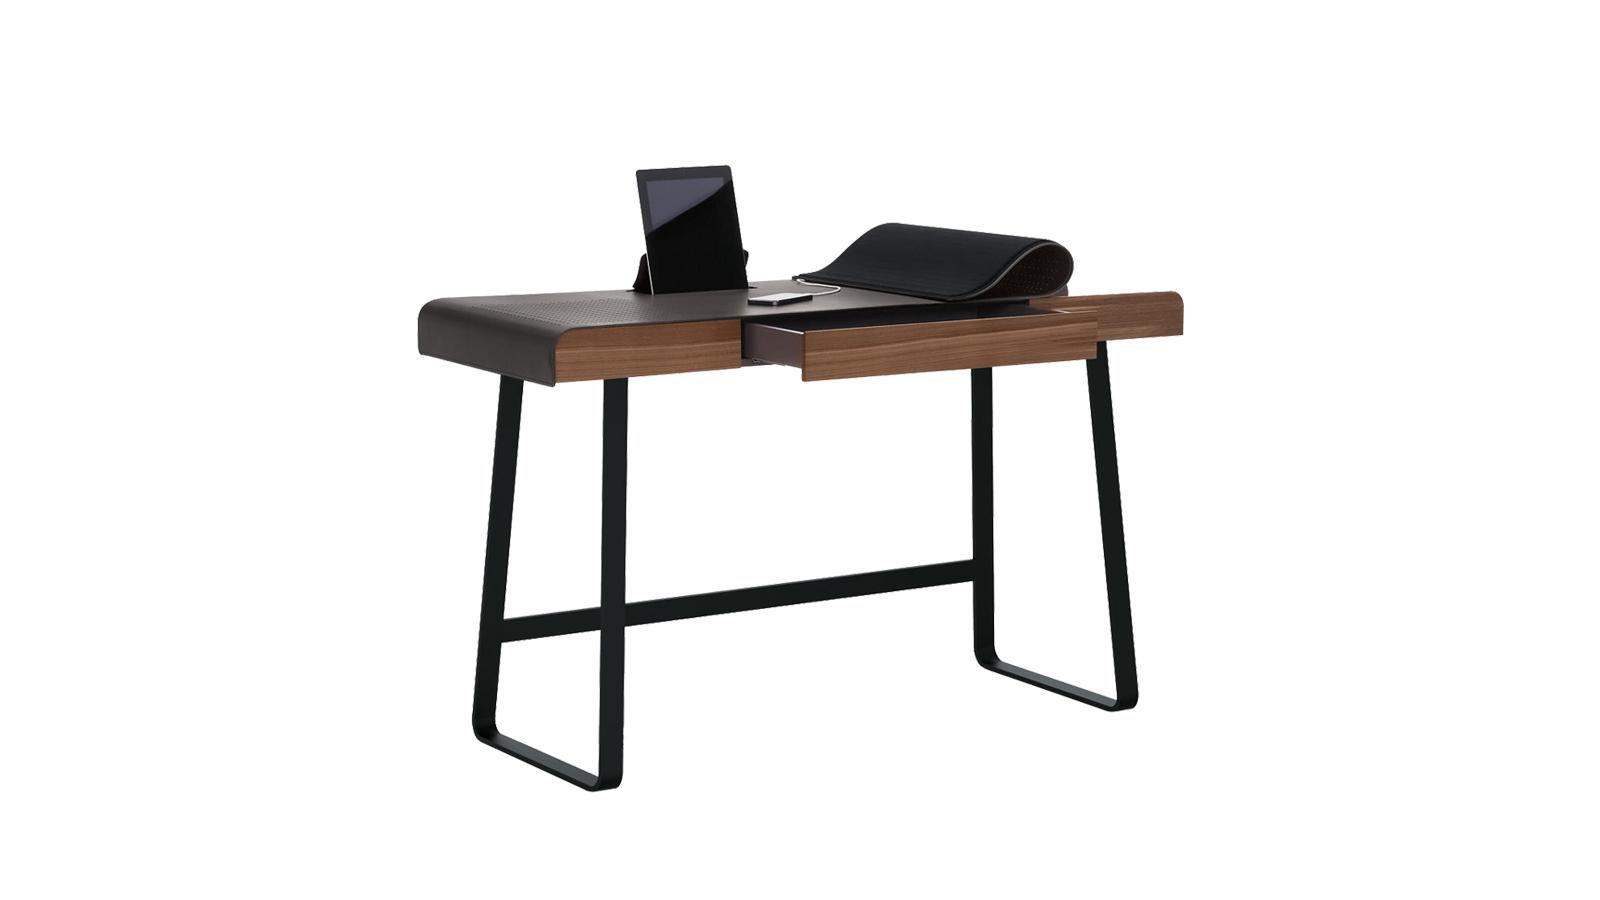 A Pegasus íróasztal az otthoni munkehely esztétikai értékét emeli, ahová szívesen ülünk le egy kávéval, hogy nekilássunk a faladatoknak. Semmilyen módon nem idézi más irodai asztalok hangulatát, hiszen léptéke emberközelivé, kecses, íves, fém lábai könnyeddé varázsolják. Lapját bőr takarja, praktikus, vékony fiókjaiban pedig elrejhetjük a számítástechnikai eszközöket.